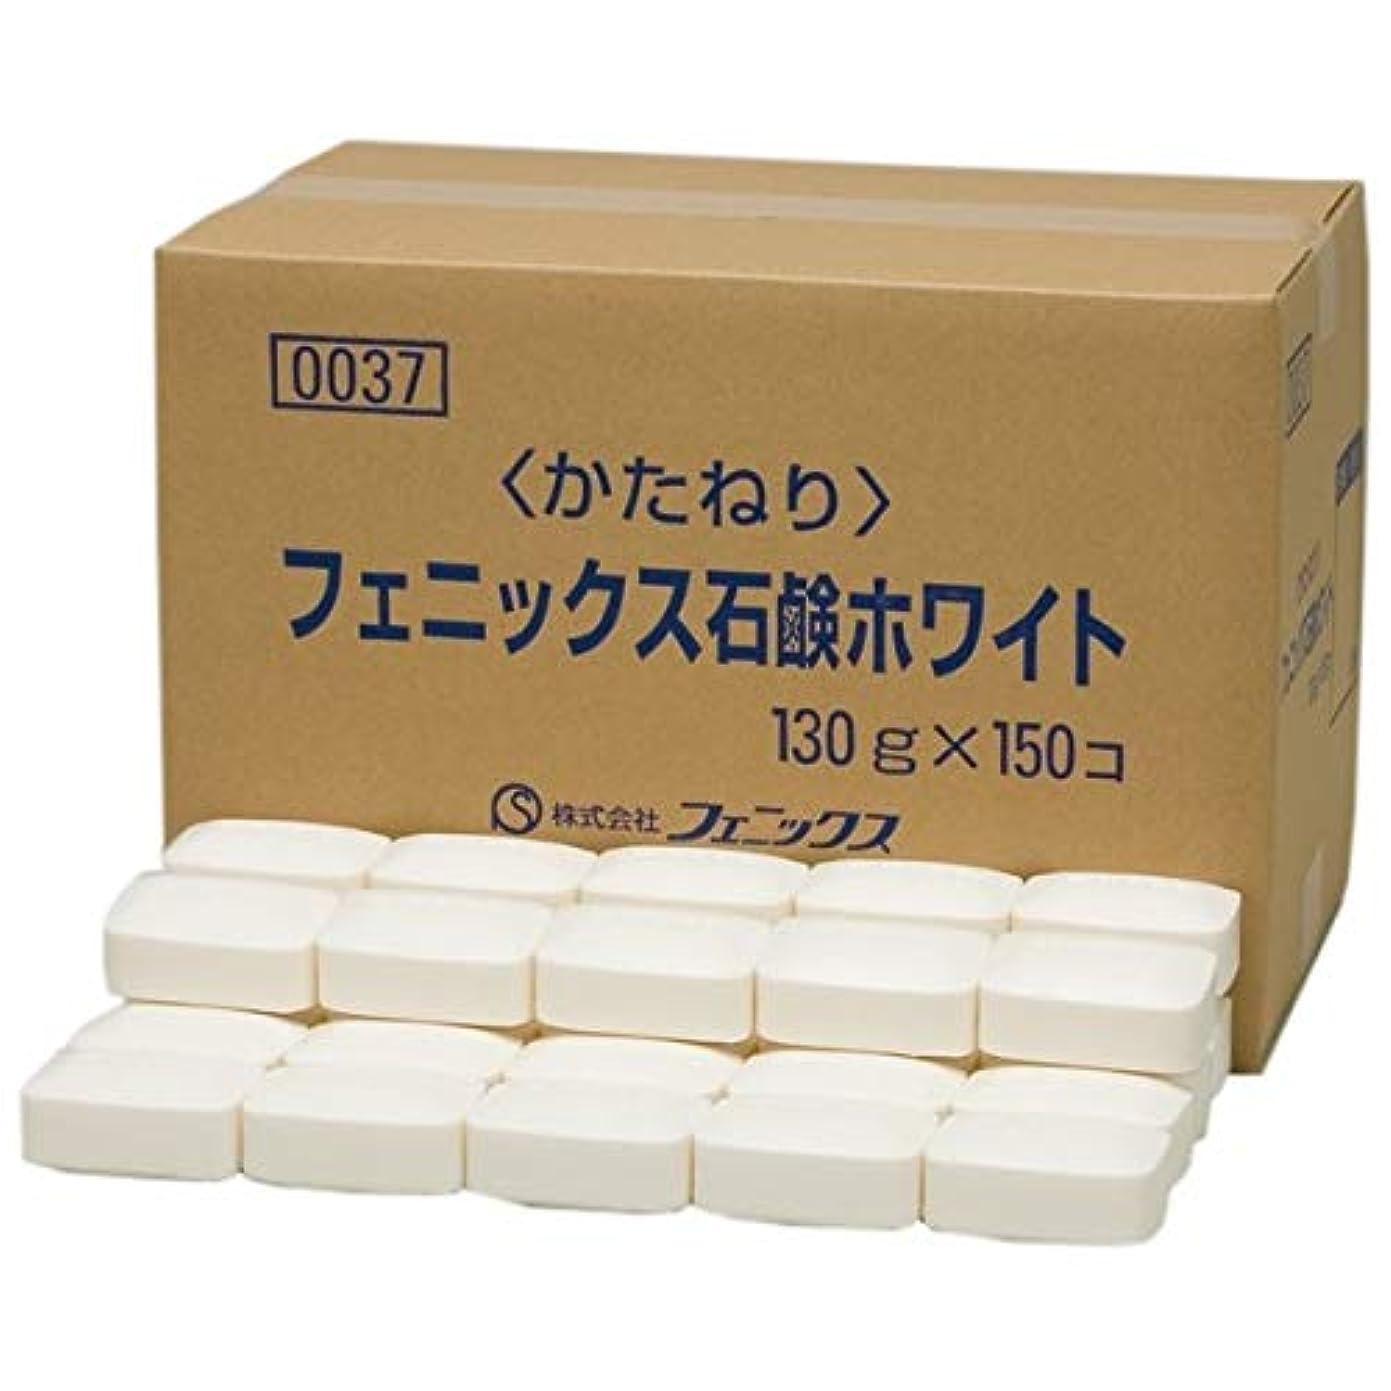 なしでが欲しい奪うフェニックスホワイト石鹸 130g×150個入